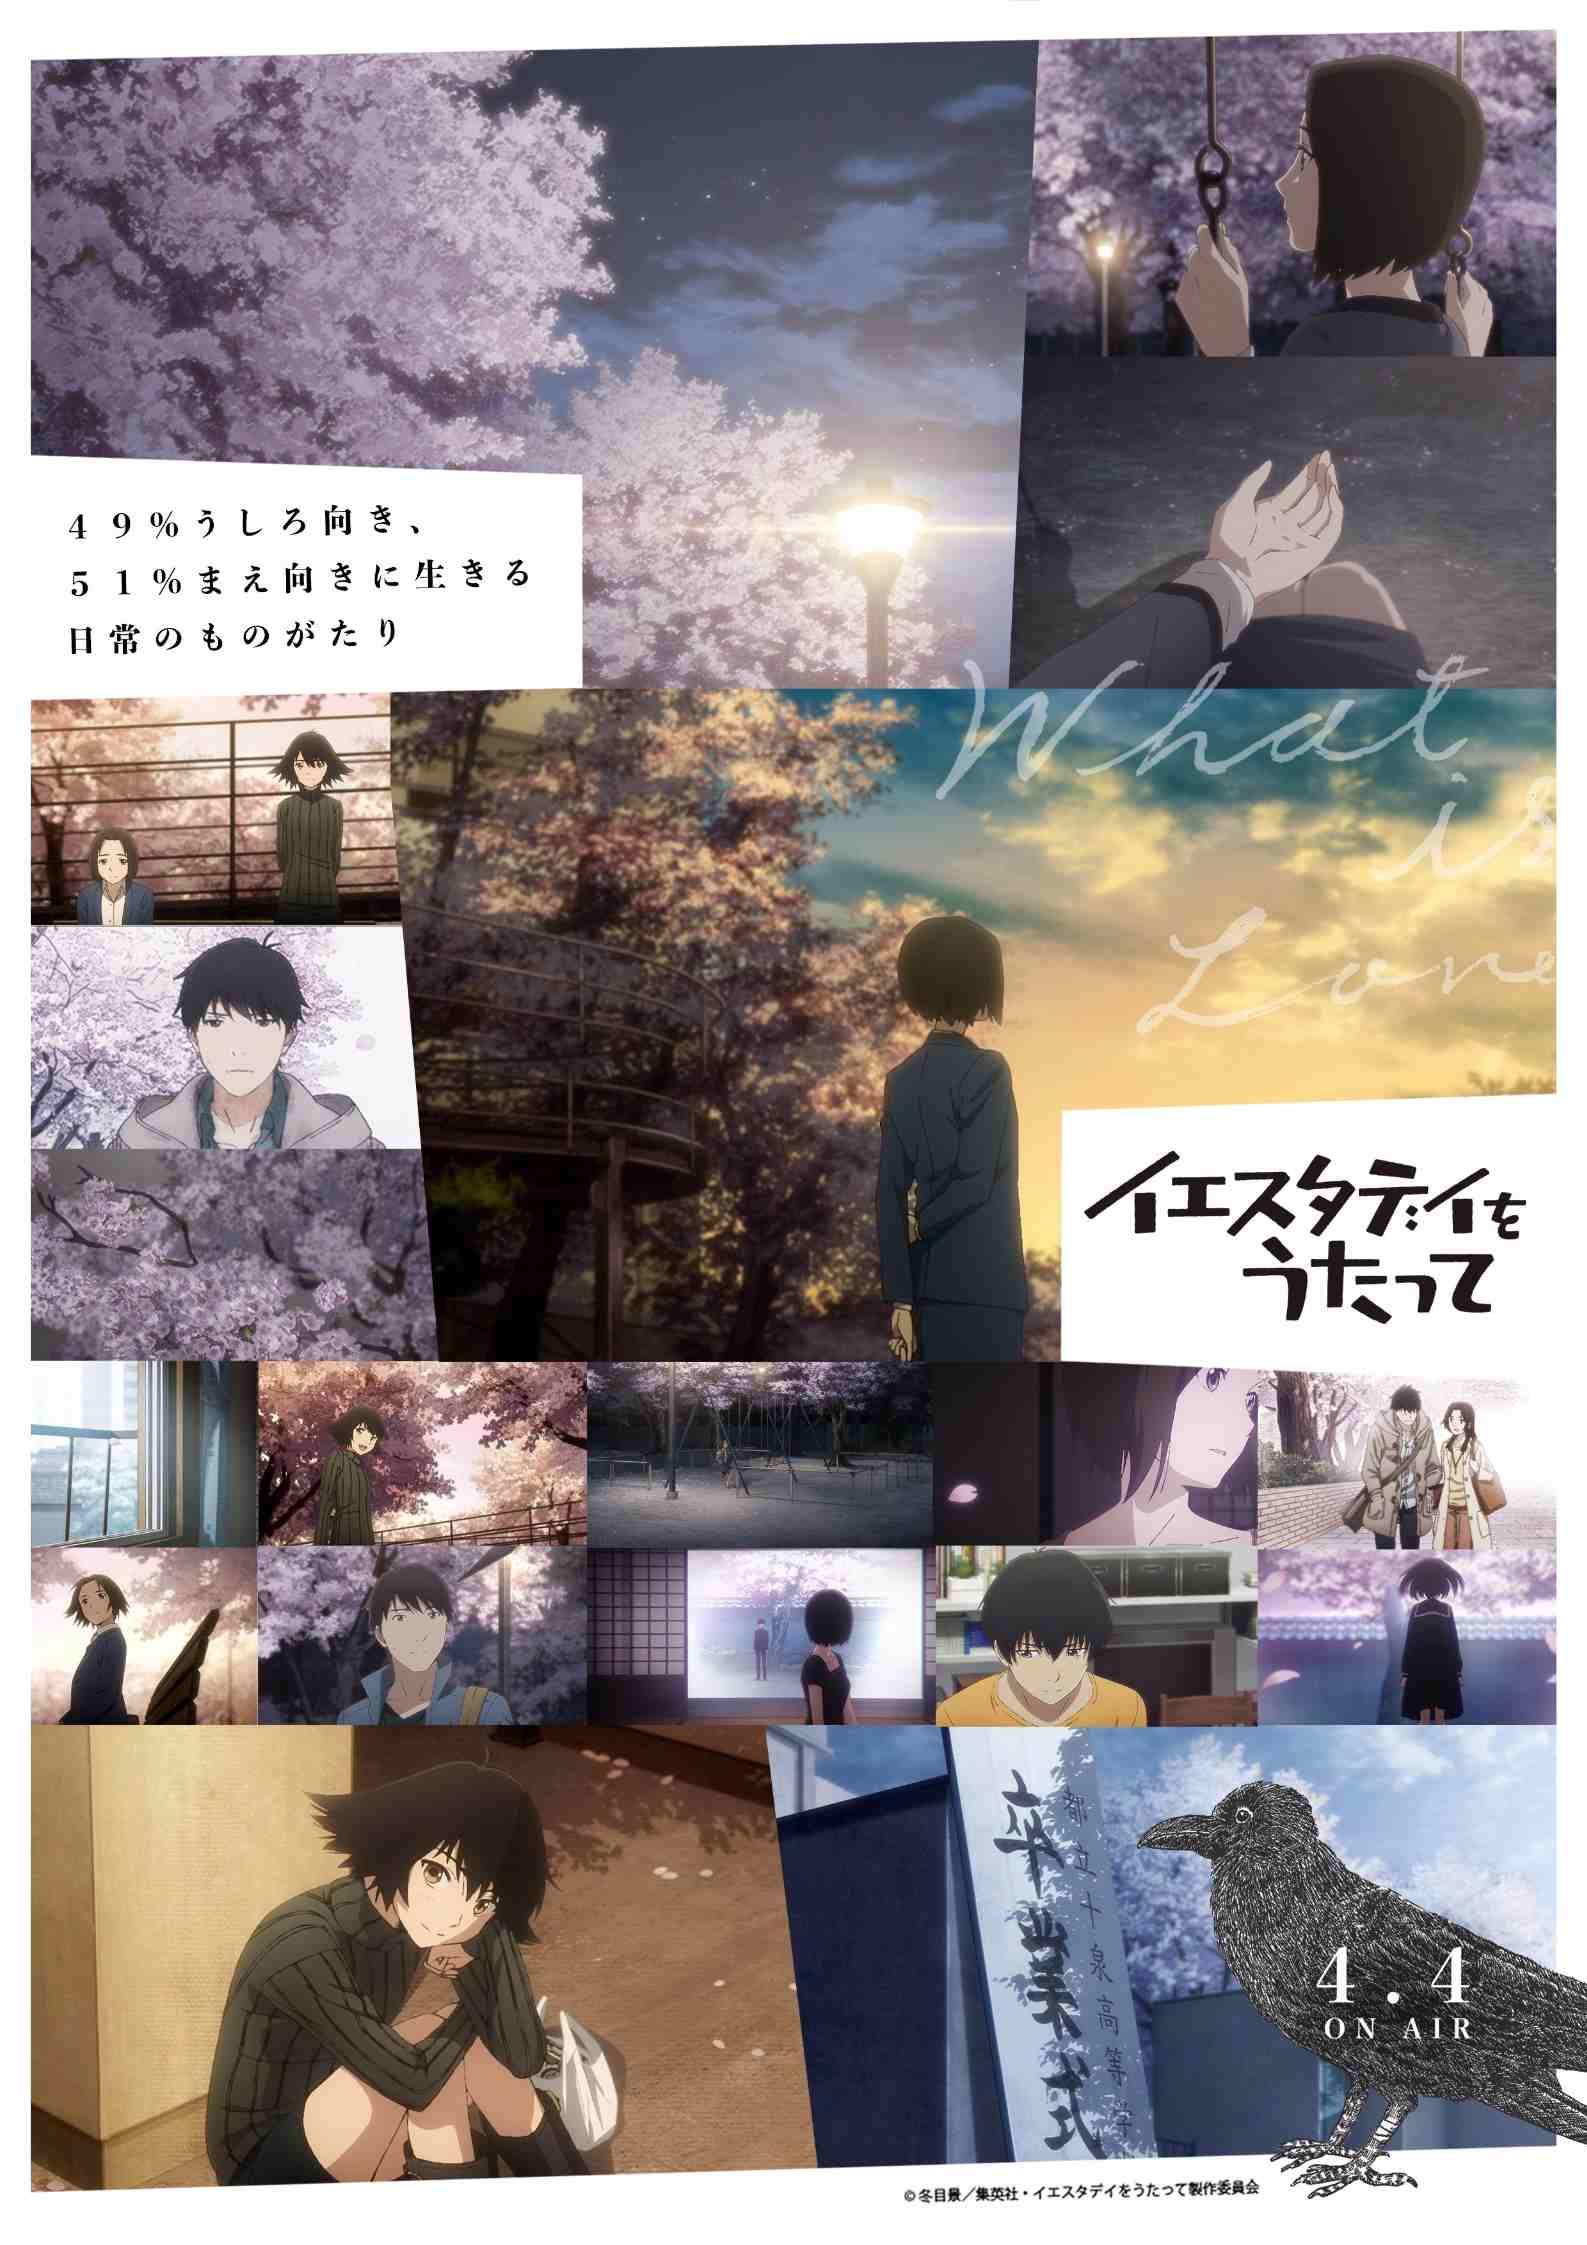 4月新番《昨日之歌》公布动画视频